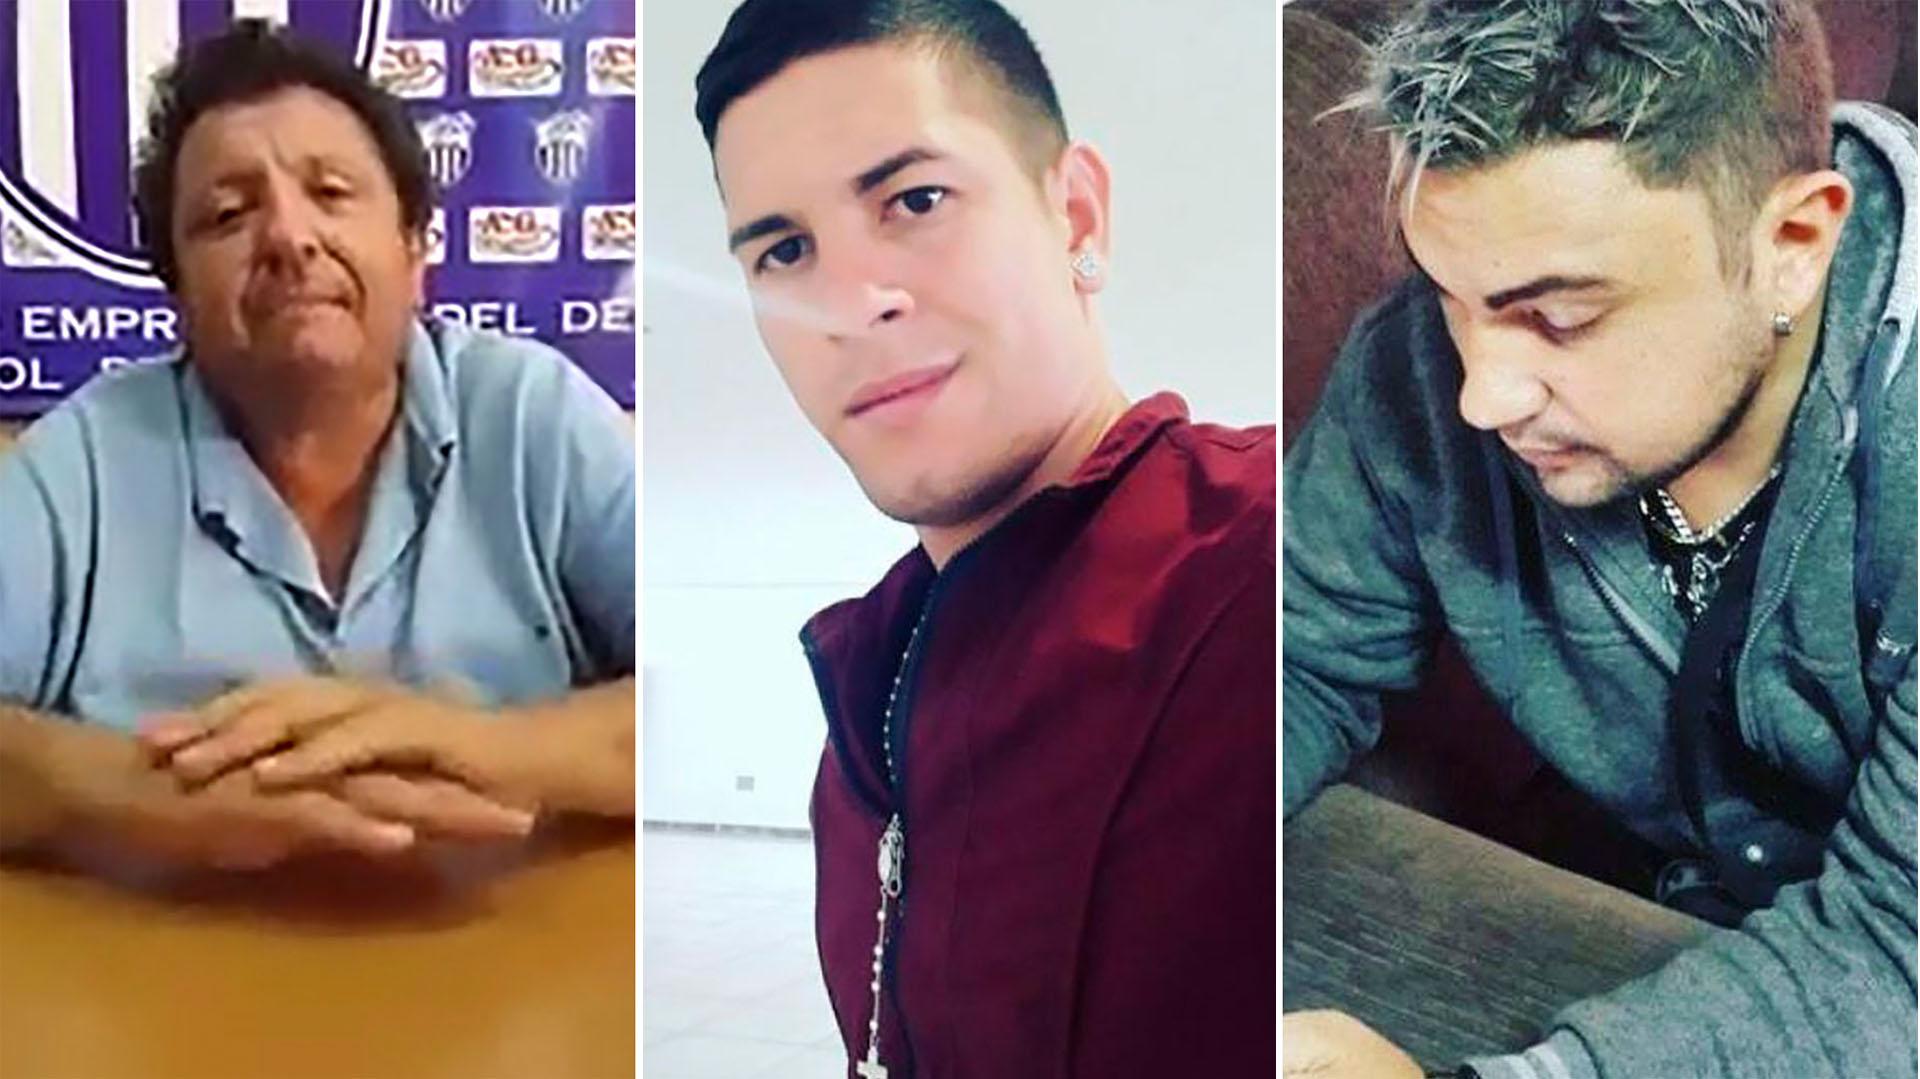 Gonzalez, Gabriel Caballero y Valentín Ozuna, los involucrados en el escándalos sexual